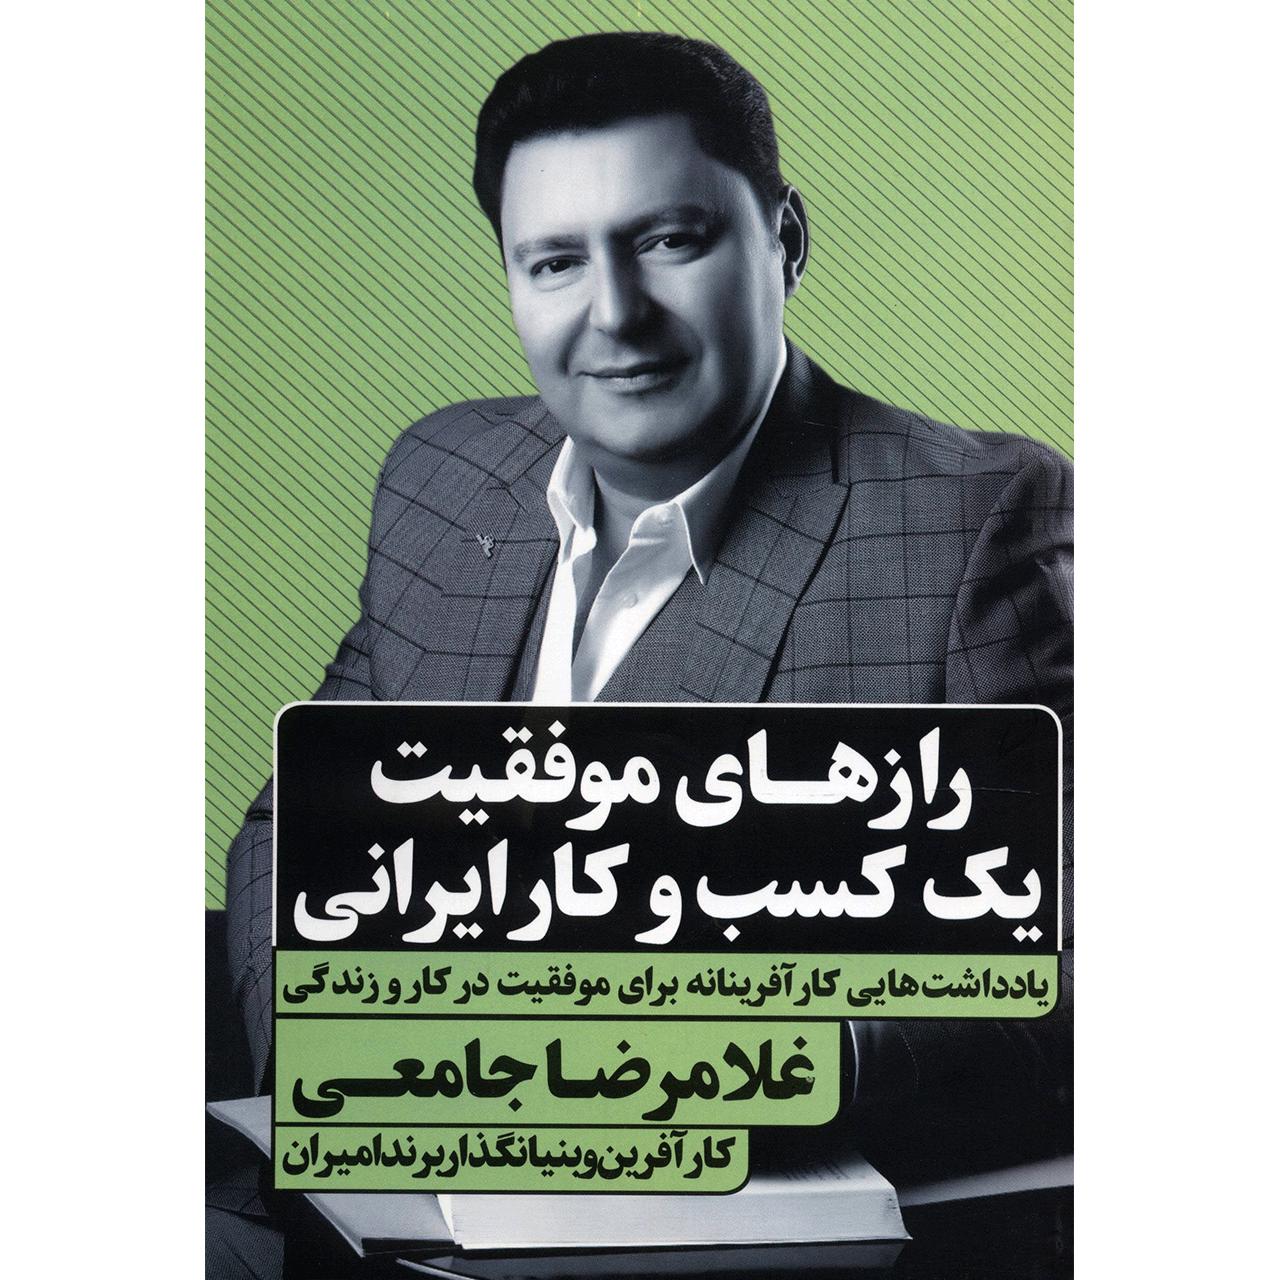 کتاب رازهای موفقیت یک کسب و کار ایرانی اثر غلامرضا جامعی